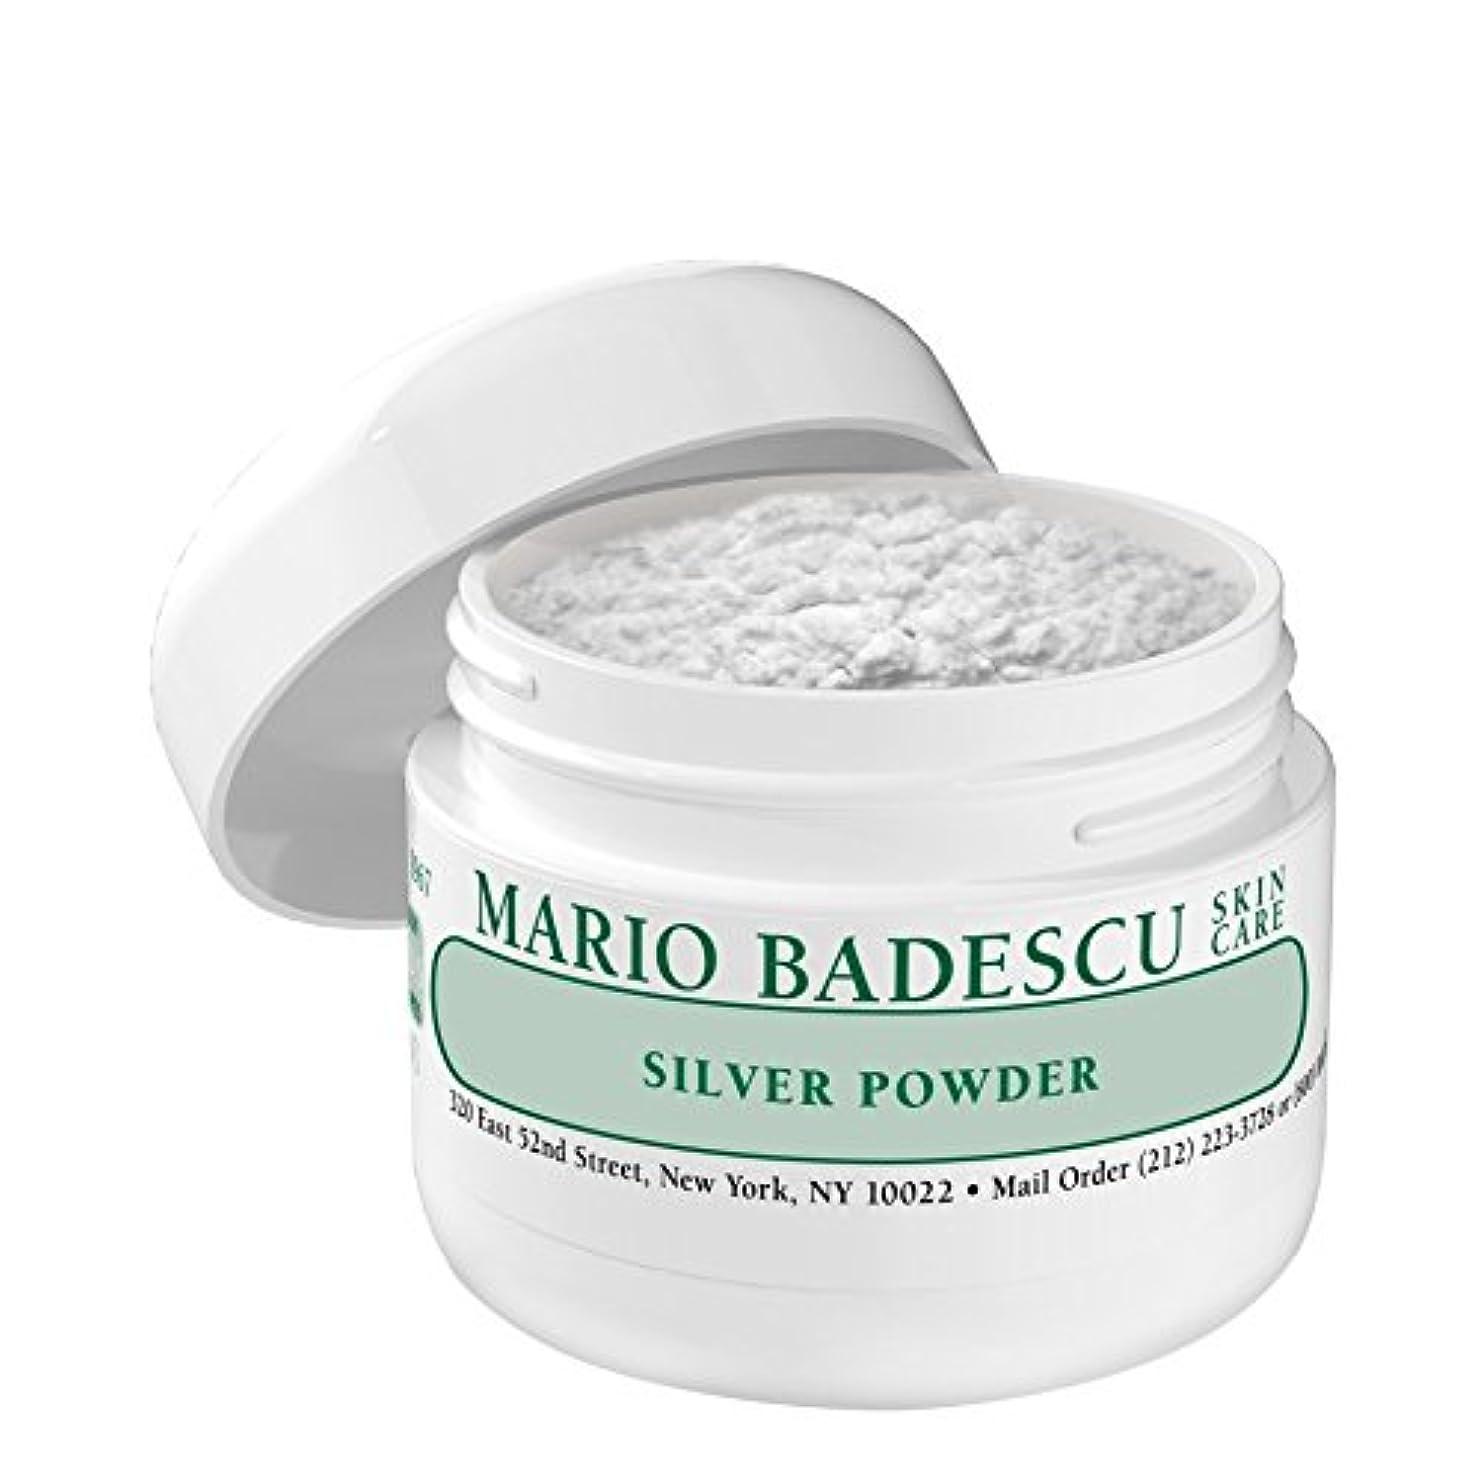 火傷スペイン不潔マリオ?バデスキュー銀粉末 x4 - Mario Badescu Silver Powder (Pack of 4) [並行輸入品]